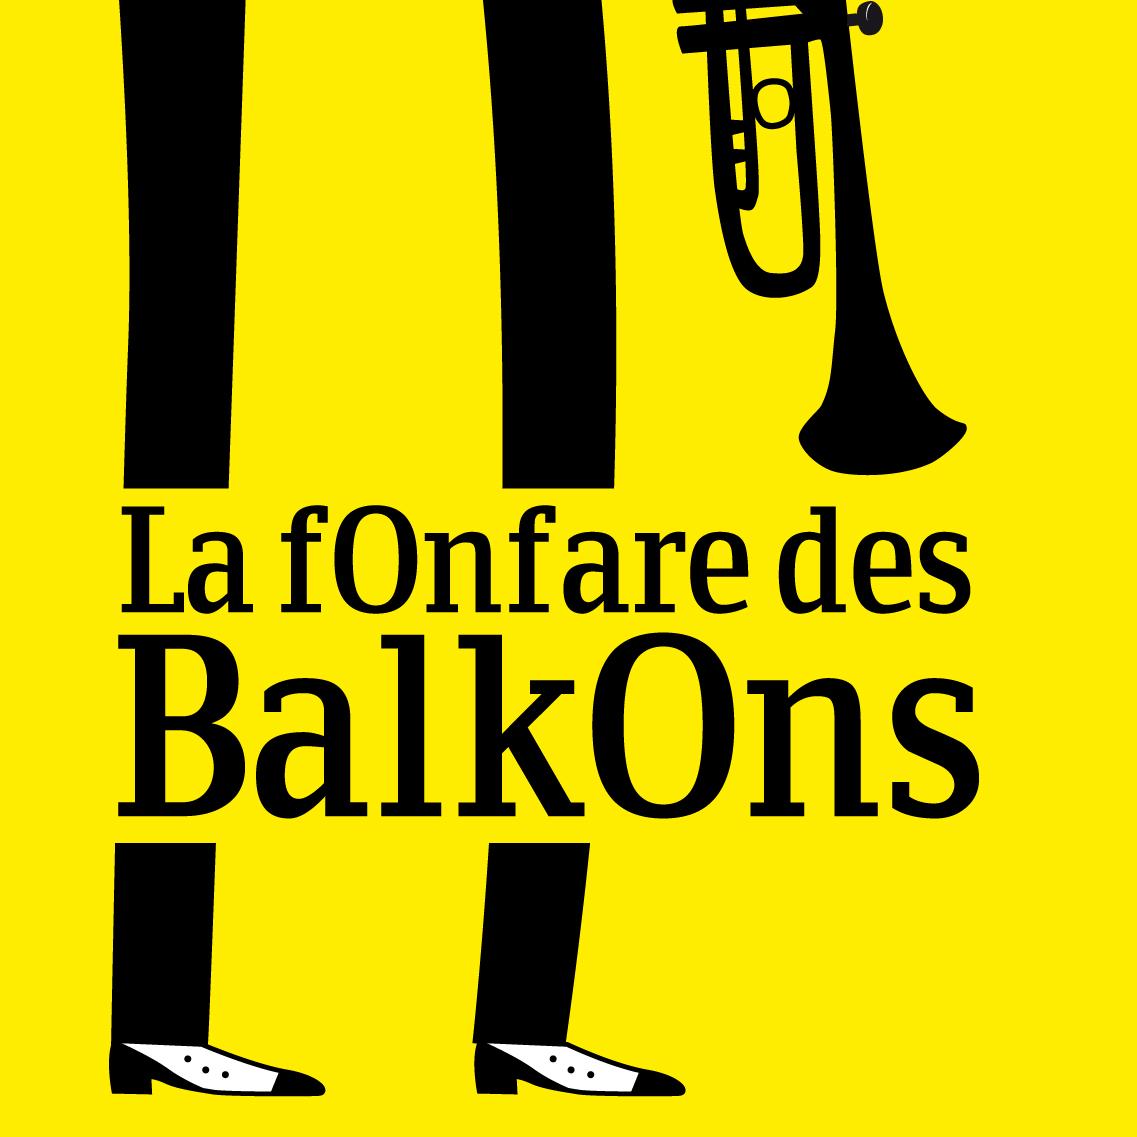 ffffan fanfare nantes logo fonfare des balkons